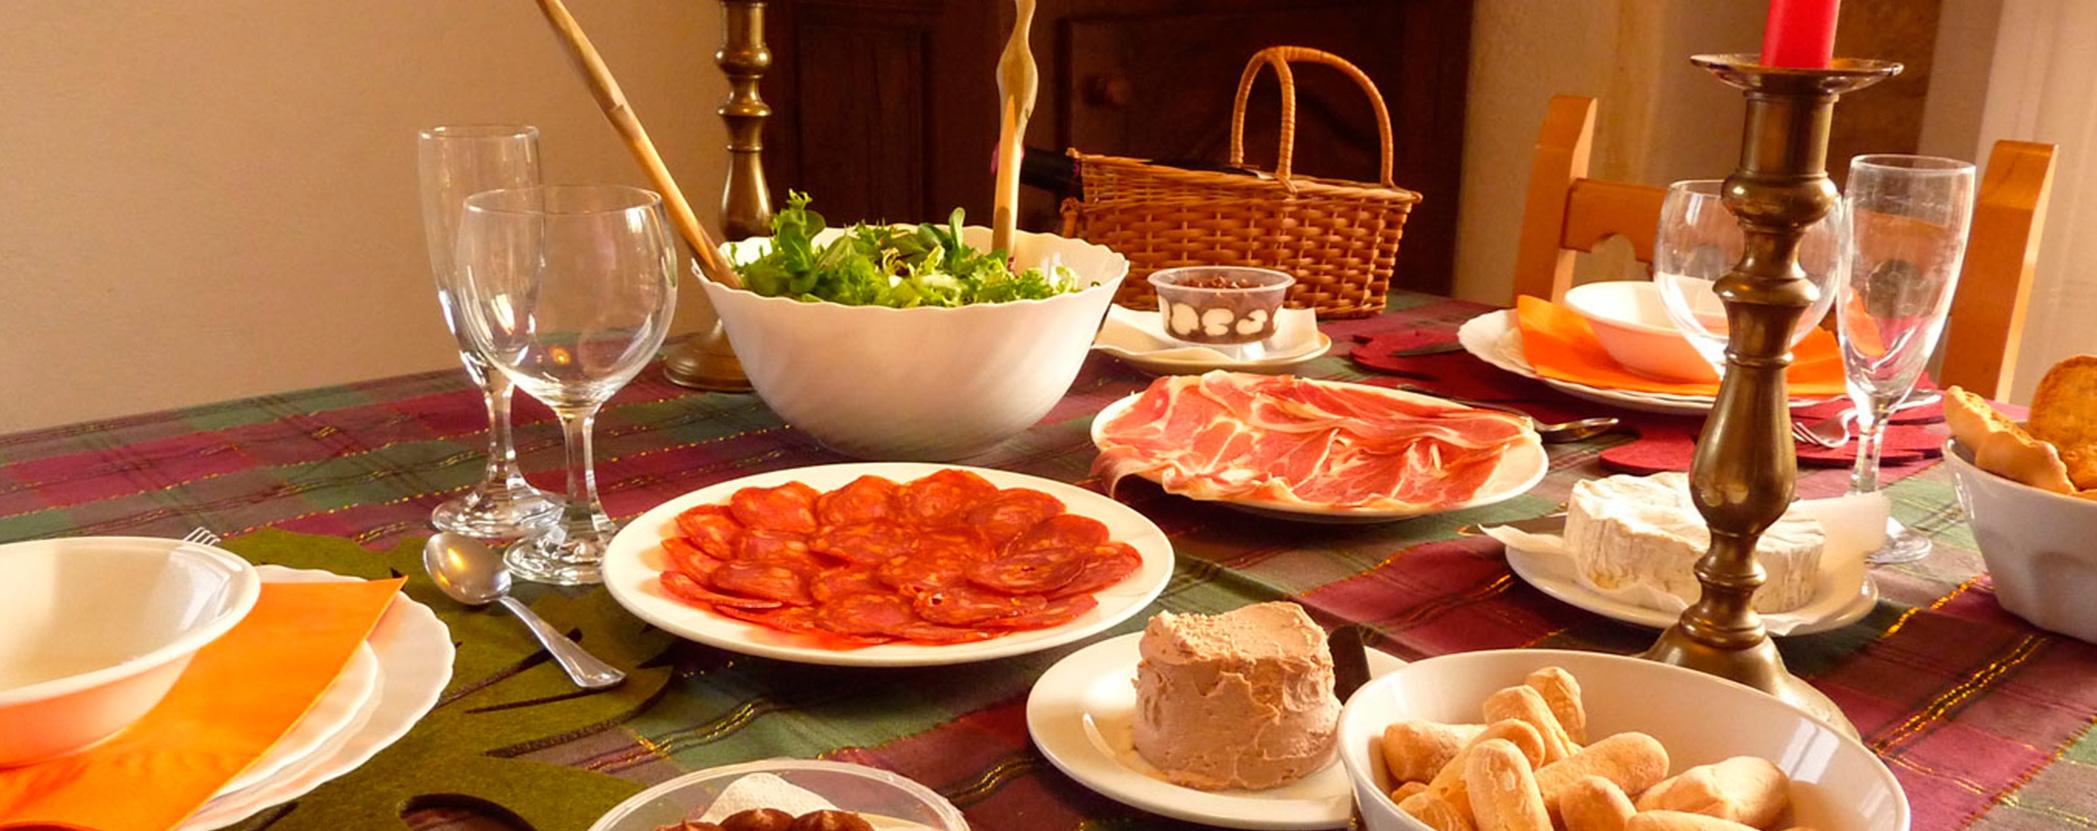 Cena romntica en casa simple cmo decorar la casa para una for Cenas romanticas en casa para dos